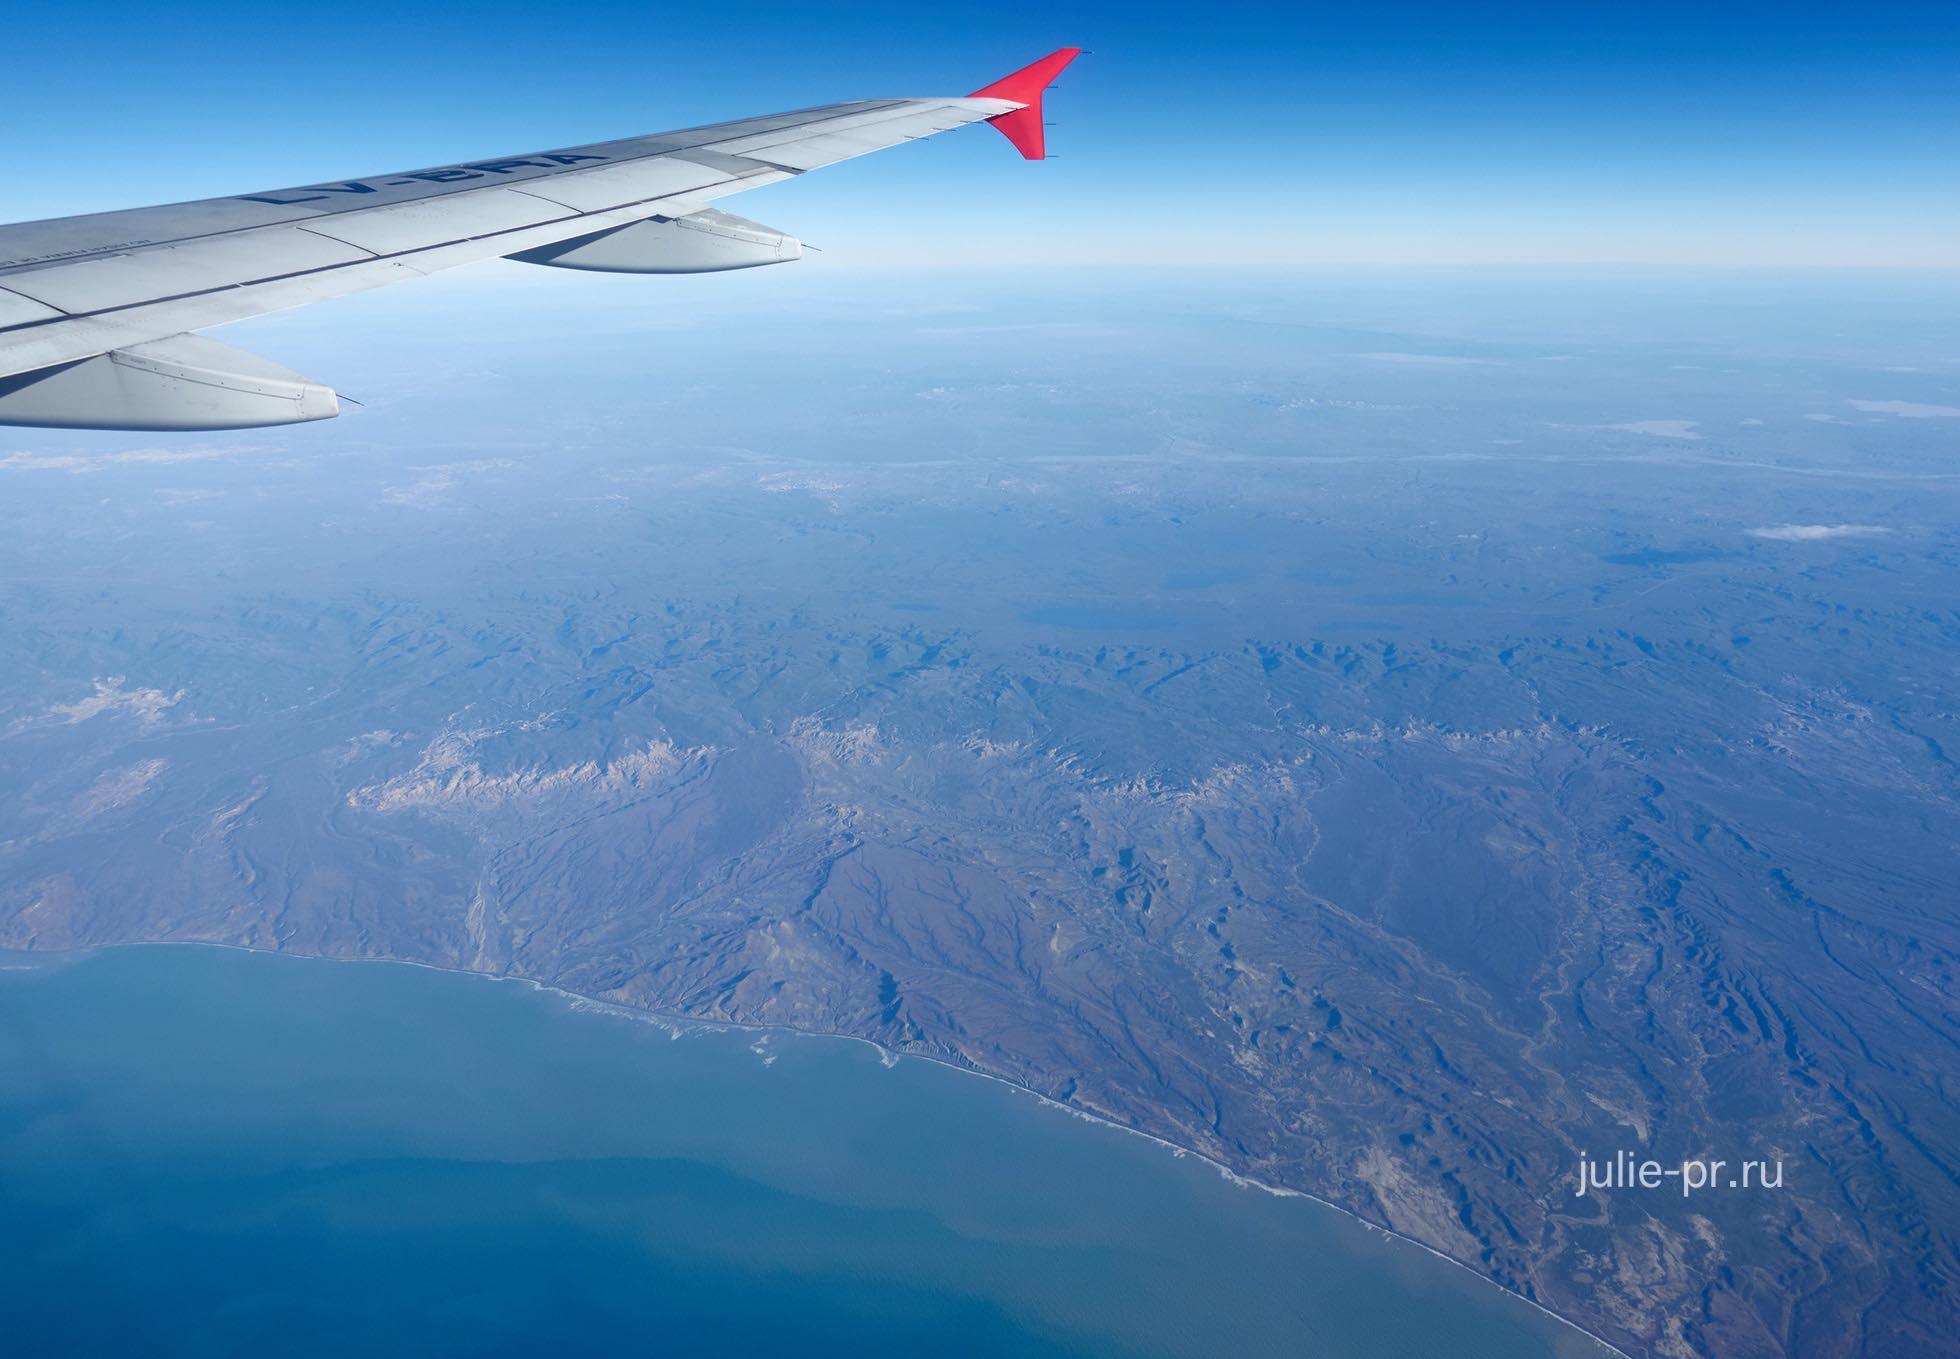 Аргентина, атлантическое побережье с самолёта